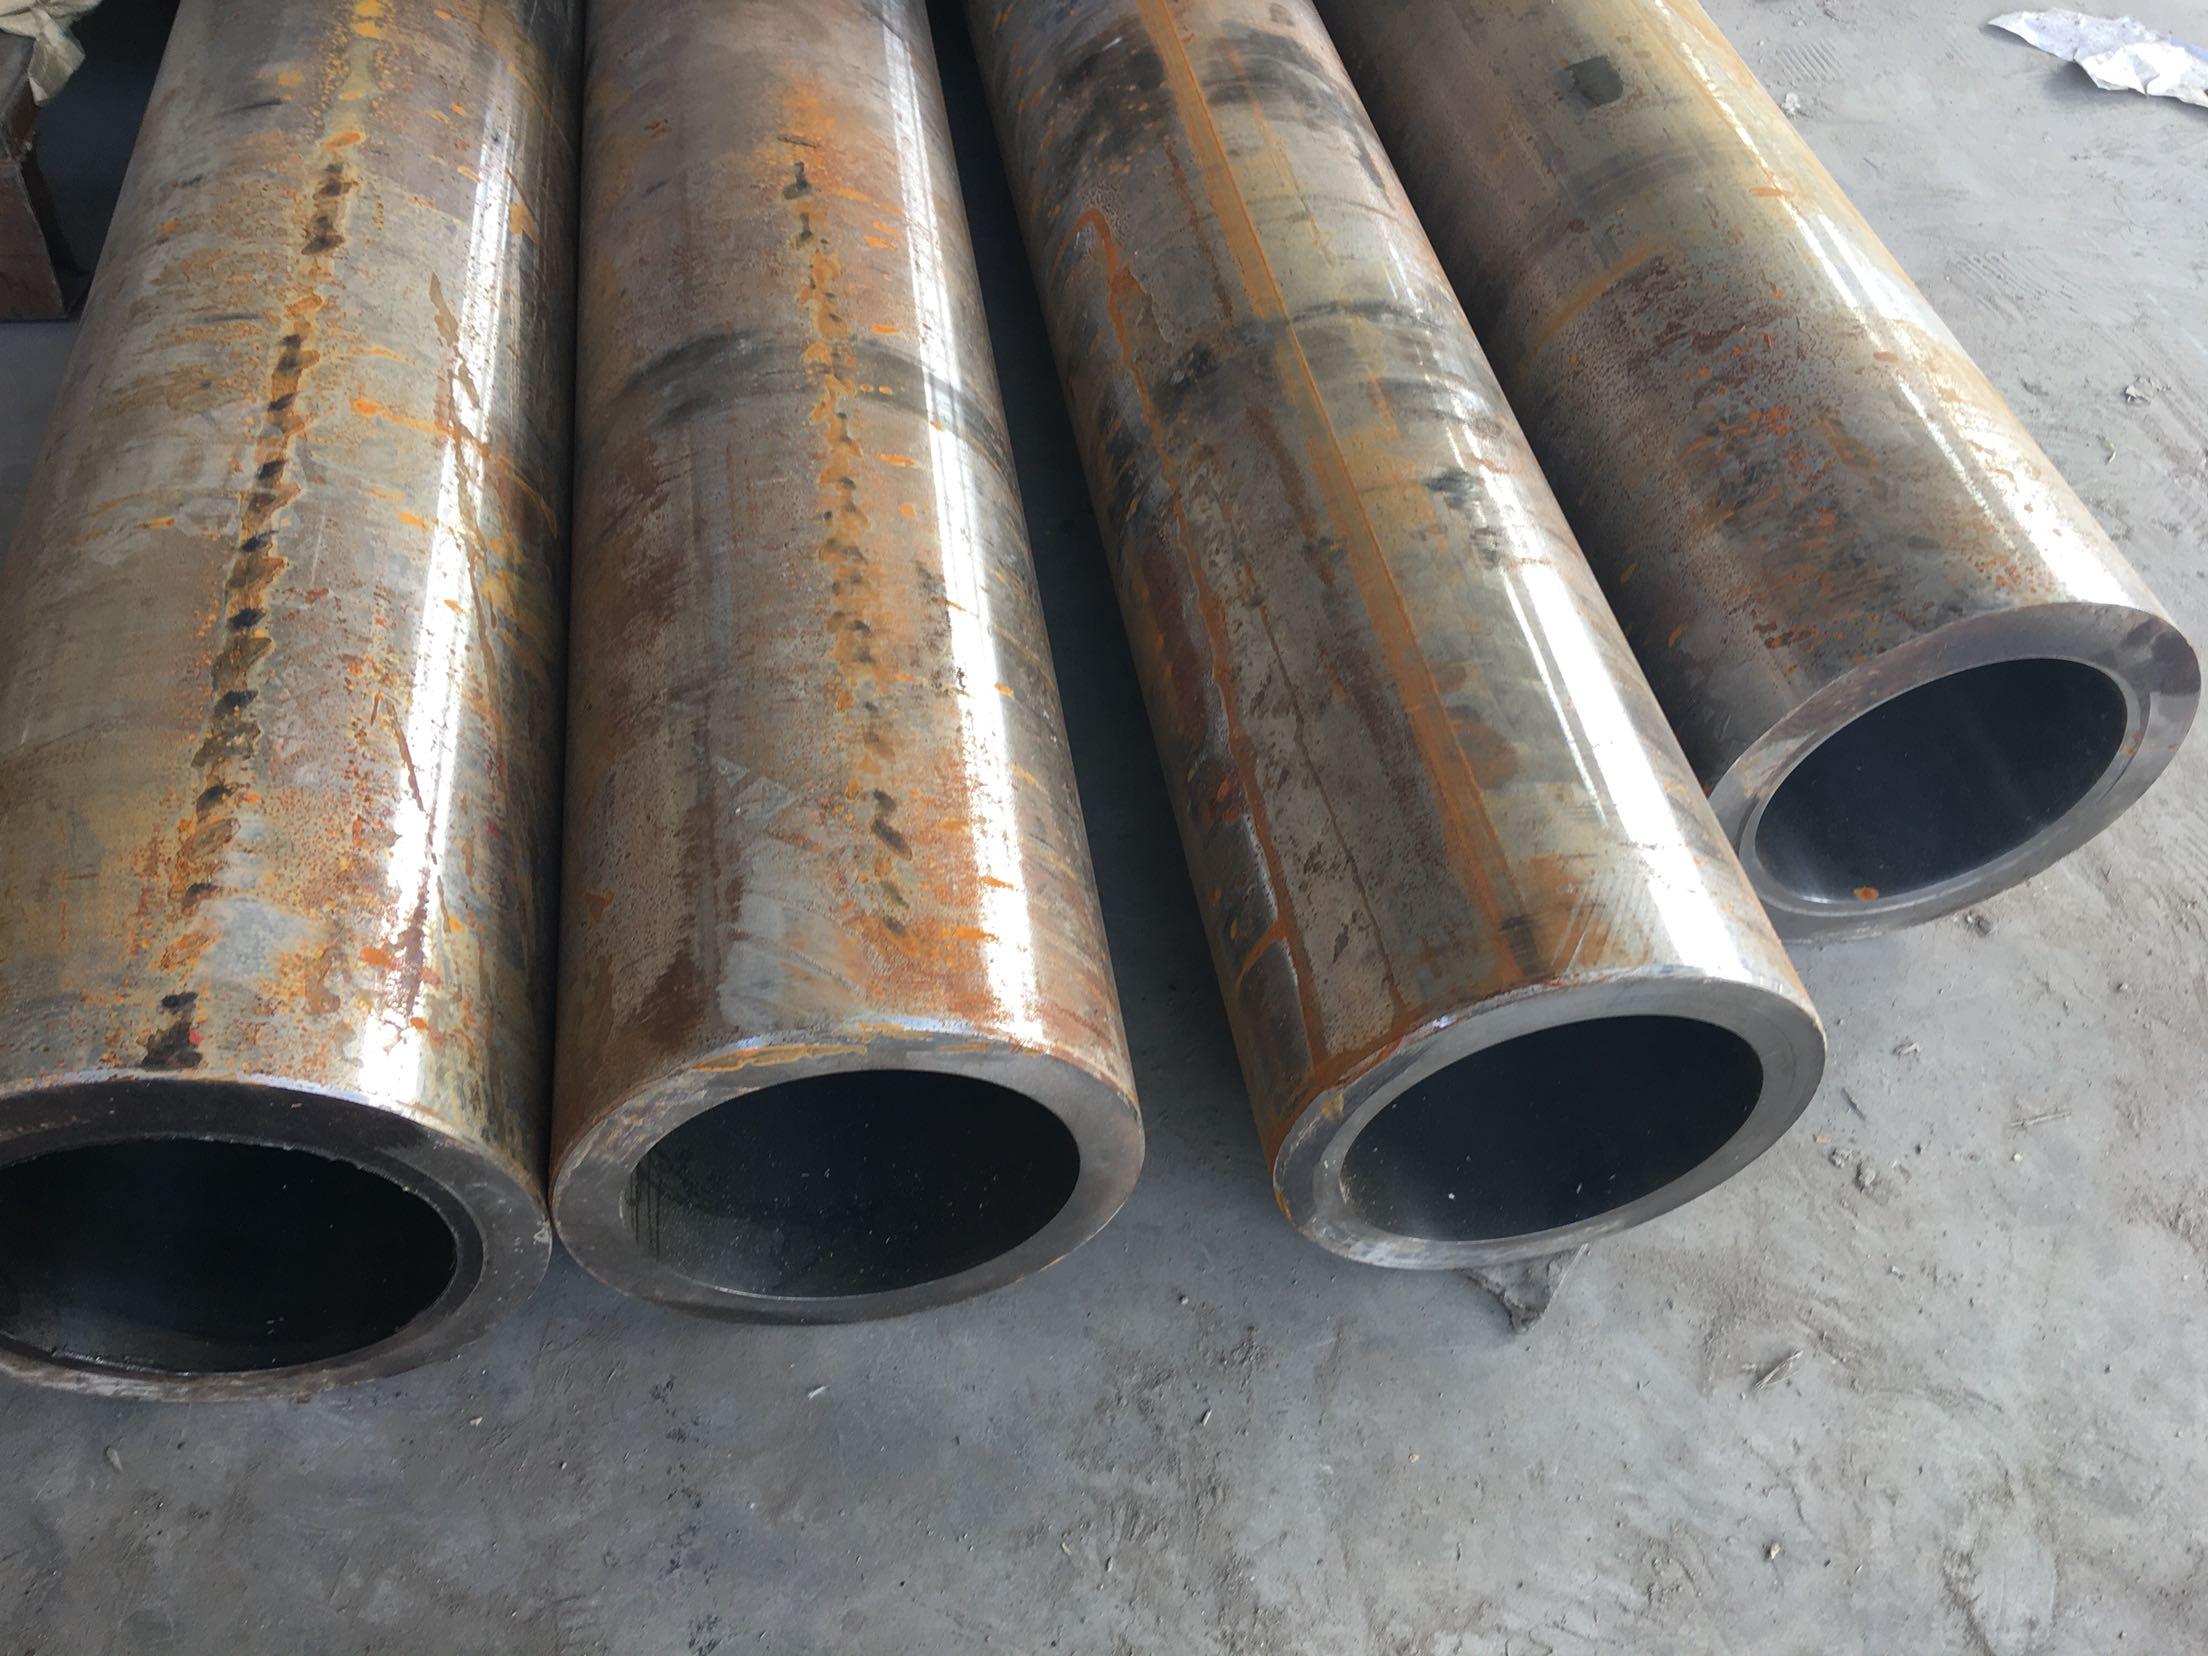 производственно - 20, оттачивая трубы из нержавеющей стали цилиндра трубы поршневого штока алюминиевых сплавов, оттачивая трубы покрыты залогов цилиндр